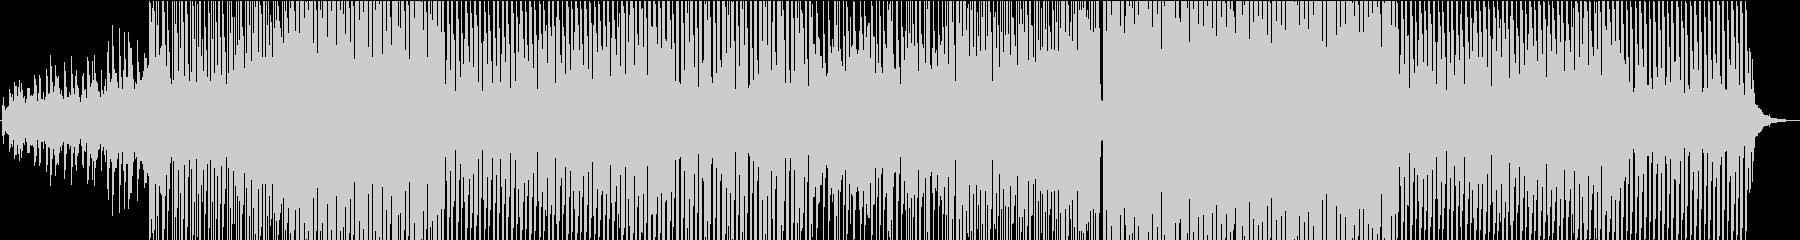 明るくファンキーなエレクトロポップスの未再生の波形